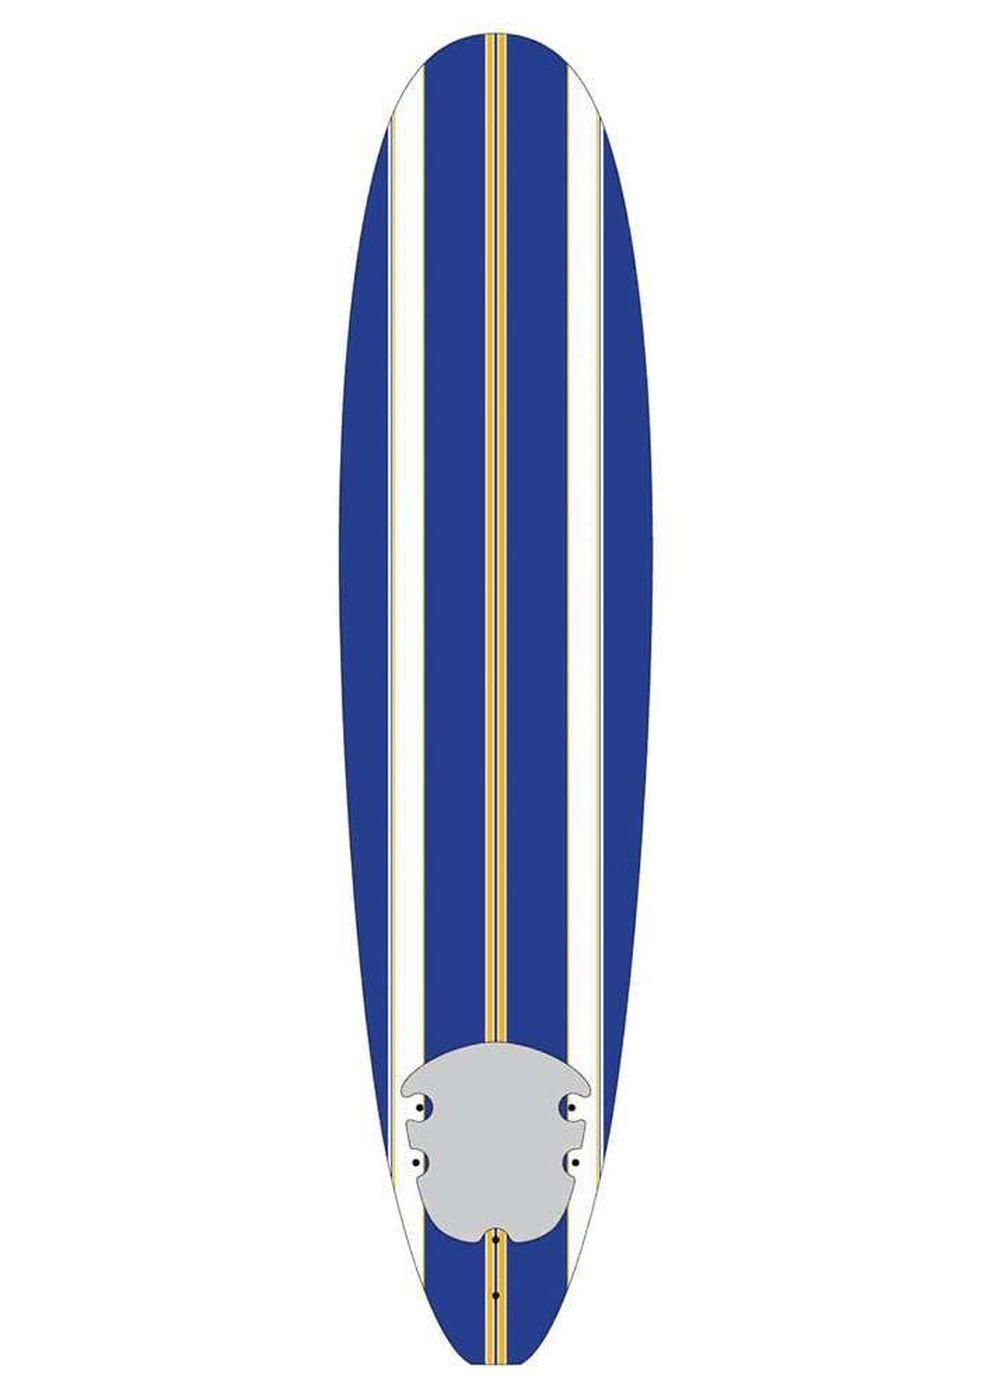 Surfing WAVE SLAVE SOFT SURFBOARD BLUE STRIPE 8ft 0